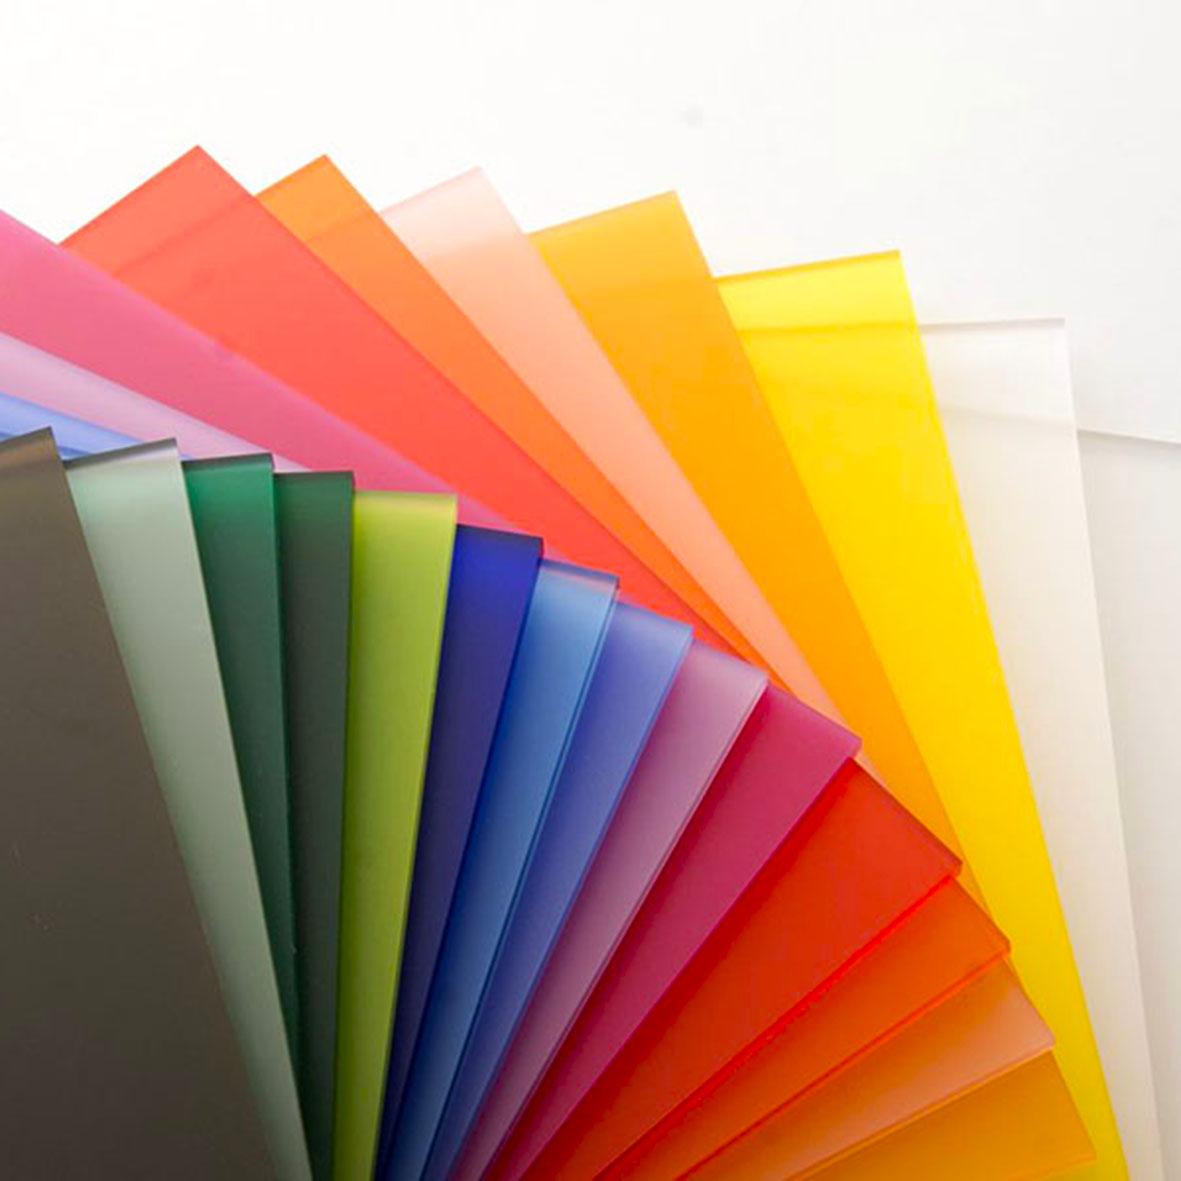 60x90 Cm Clear Acrylic Sheet 10mm